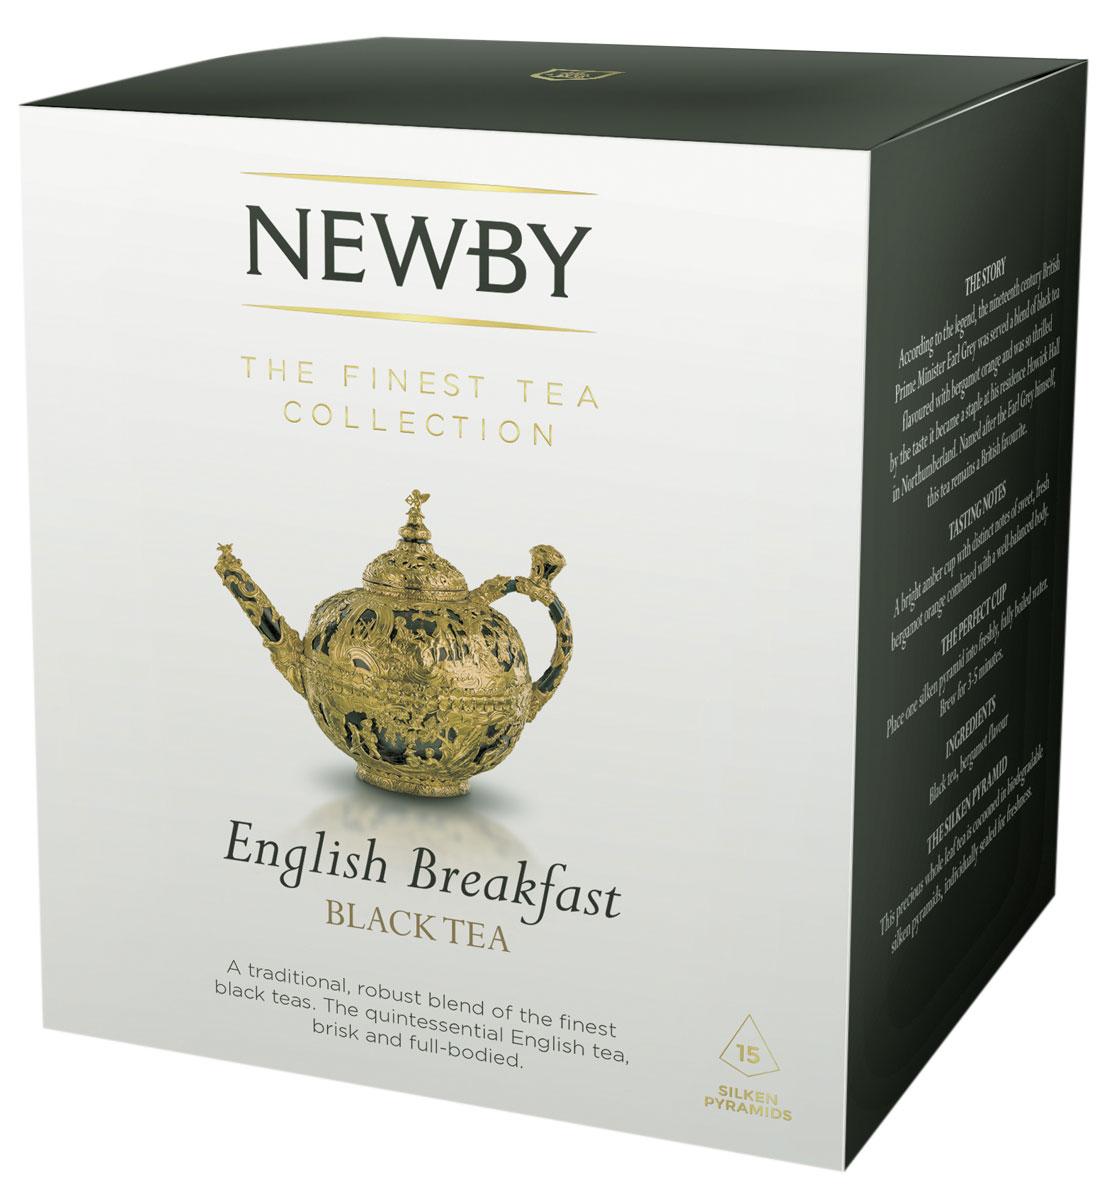 Newby English Breakfast черный чай в пирамидках, 15 шт0120710Newby English Breakfast сочетает в себе традиционный купаж черных сортов чая из Ассама, Цейлона и Кении. Чашка насыщенного янтарного цвета и богатого вкуса идеальна для начала дня. Каждая пирамидка упакована в индивидуальное саше из алюминиевой фольги для сохранения свежести чайного листа.